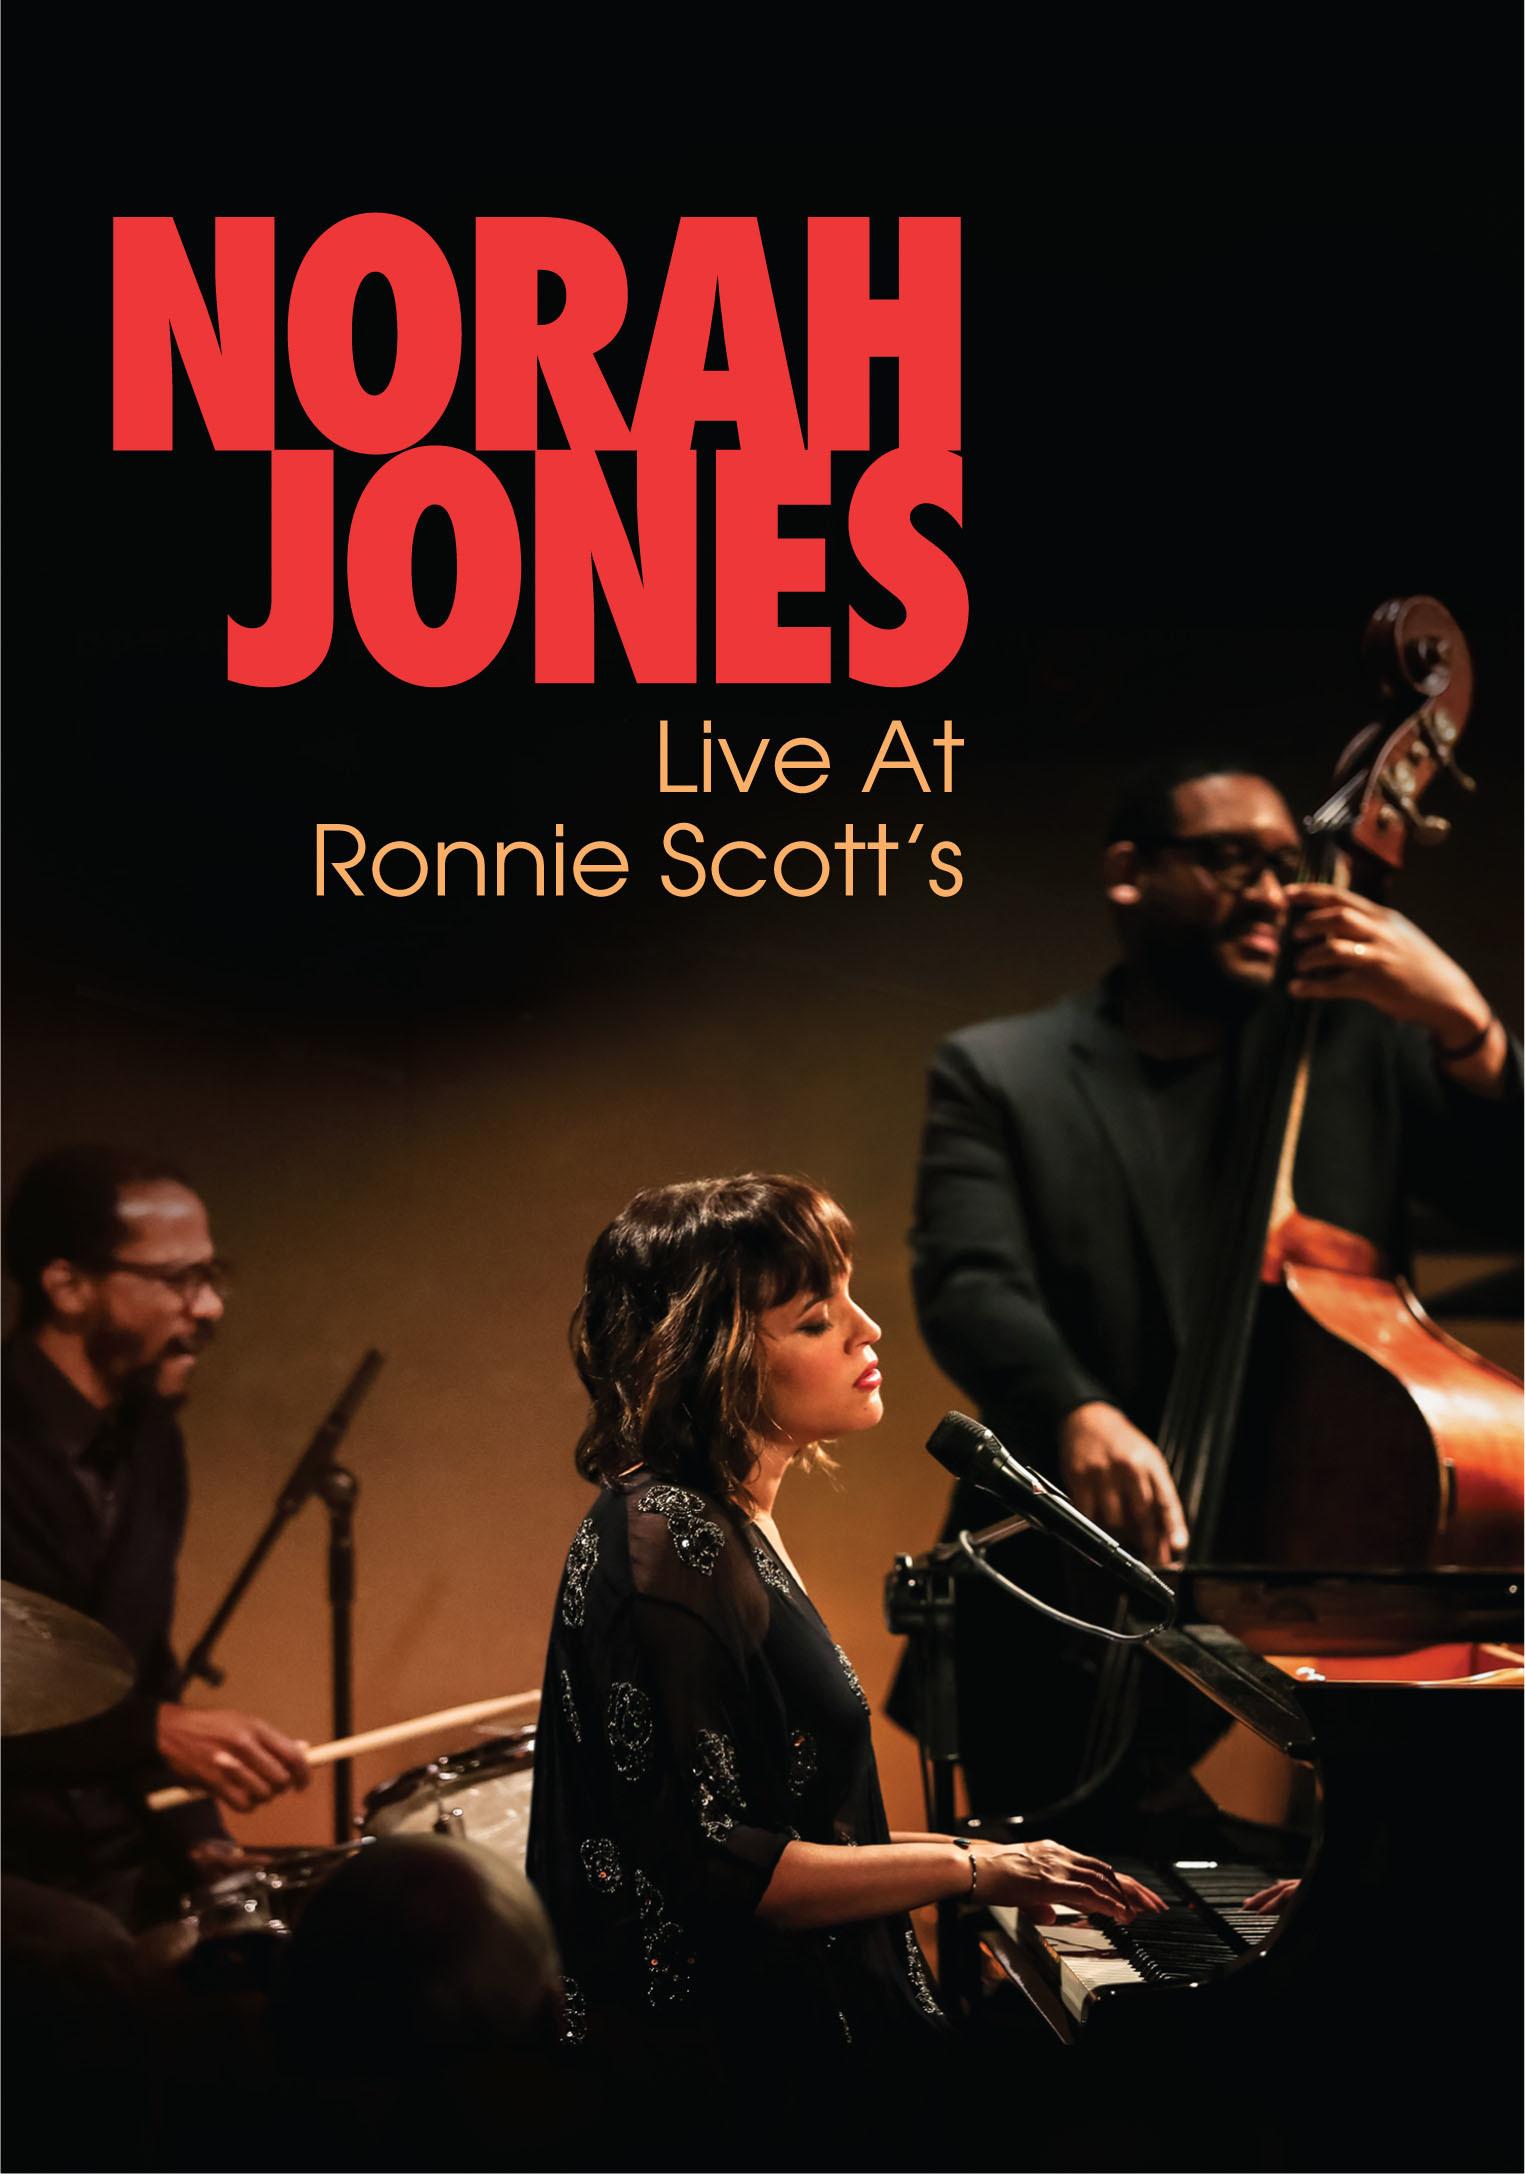 ノラ・ジョーンズ『ライヴ・アット・ロニー・スコッツ』DVD